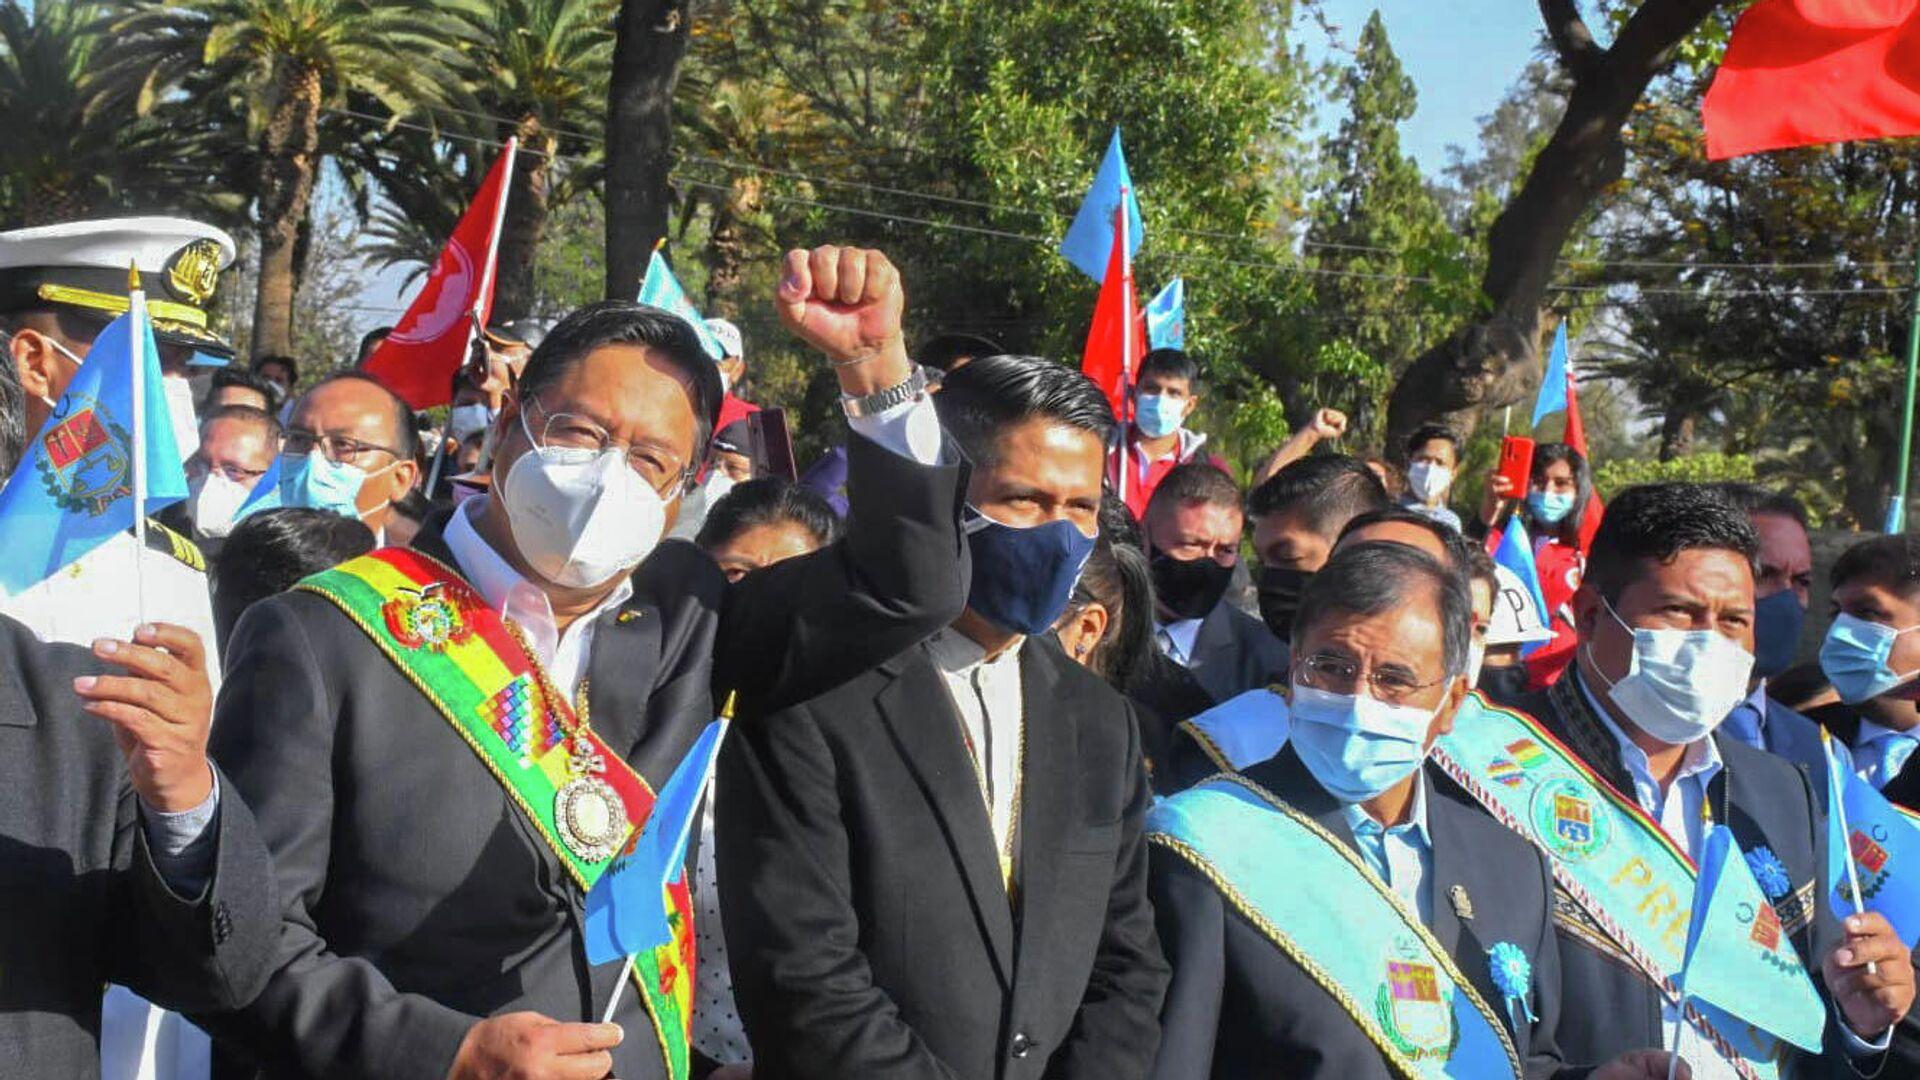 El presidente de Bolivia, Luis Arce, en el 211 aniversario de la Revolución Libertaria de Esteban Arze - Sputnik Mundo, 1920, 16.09.2021